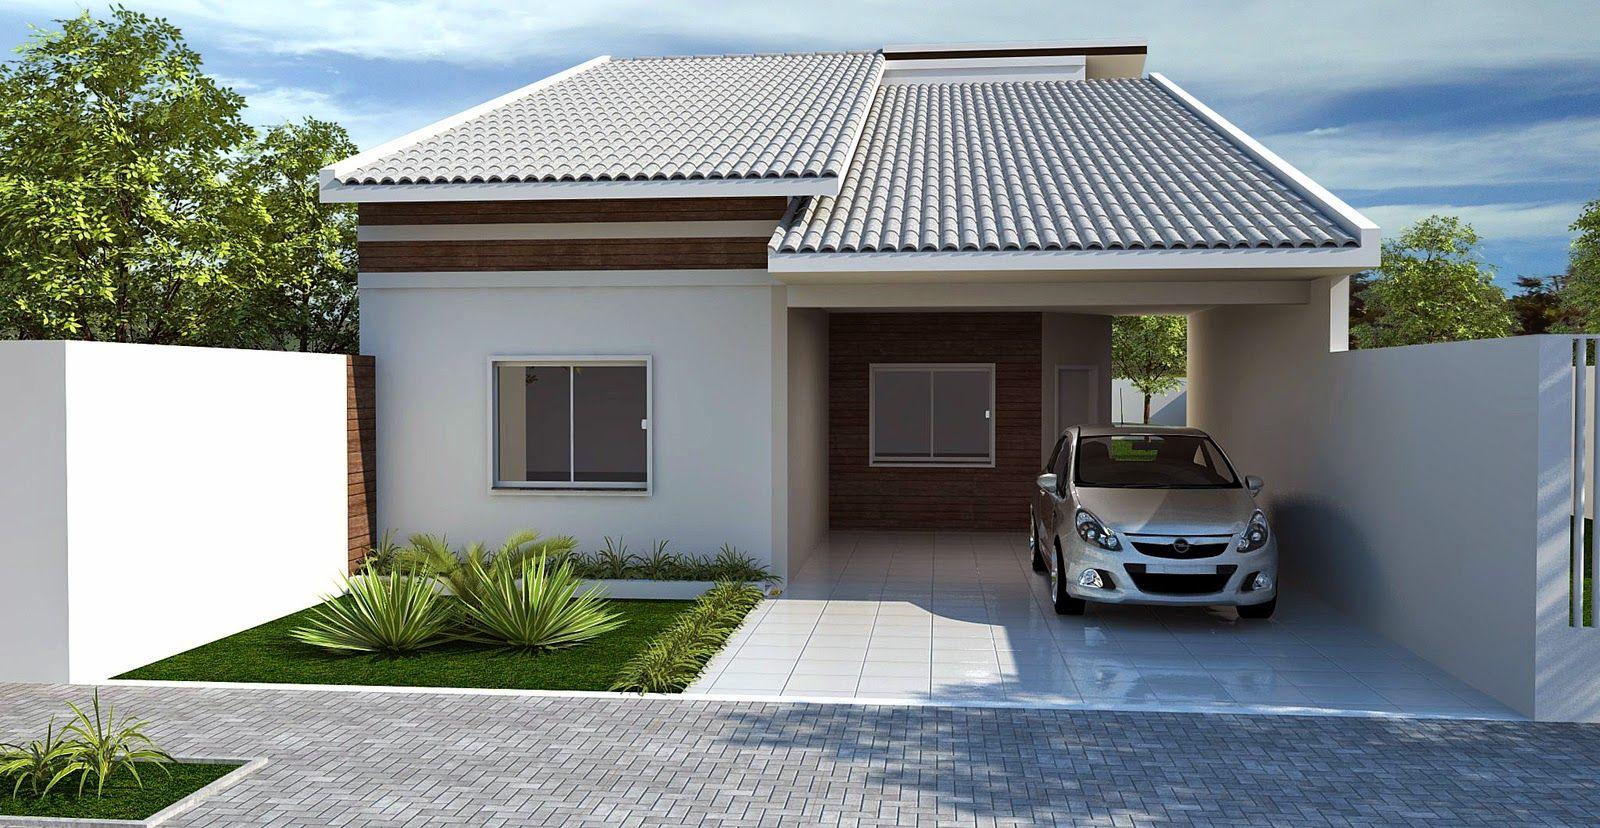 30 fachadas de casas modernas e cinza a cor do momento - Distribuciones de casas modernas ...